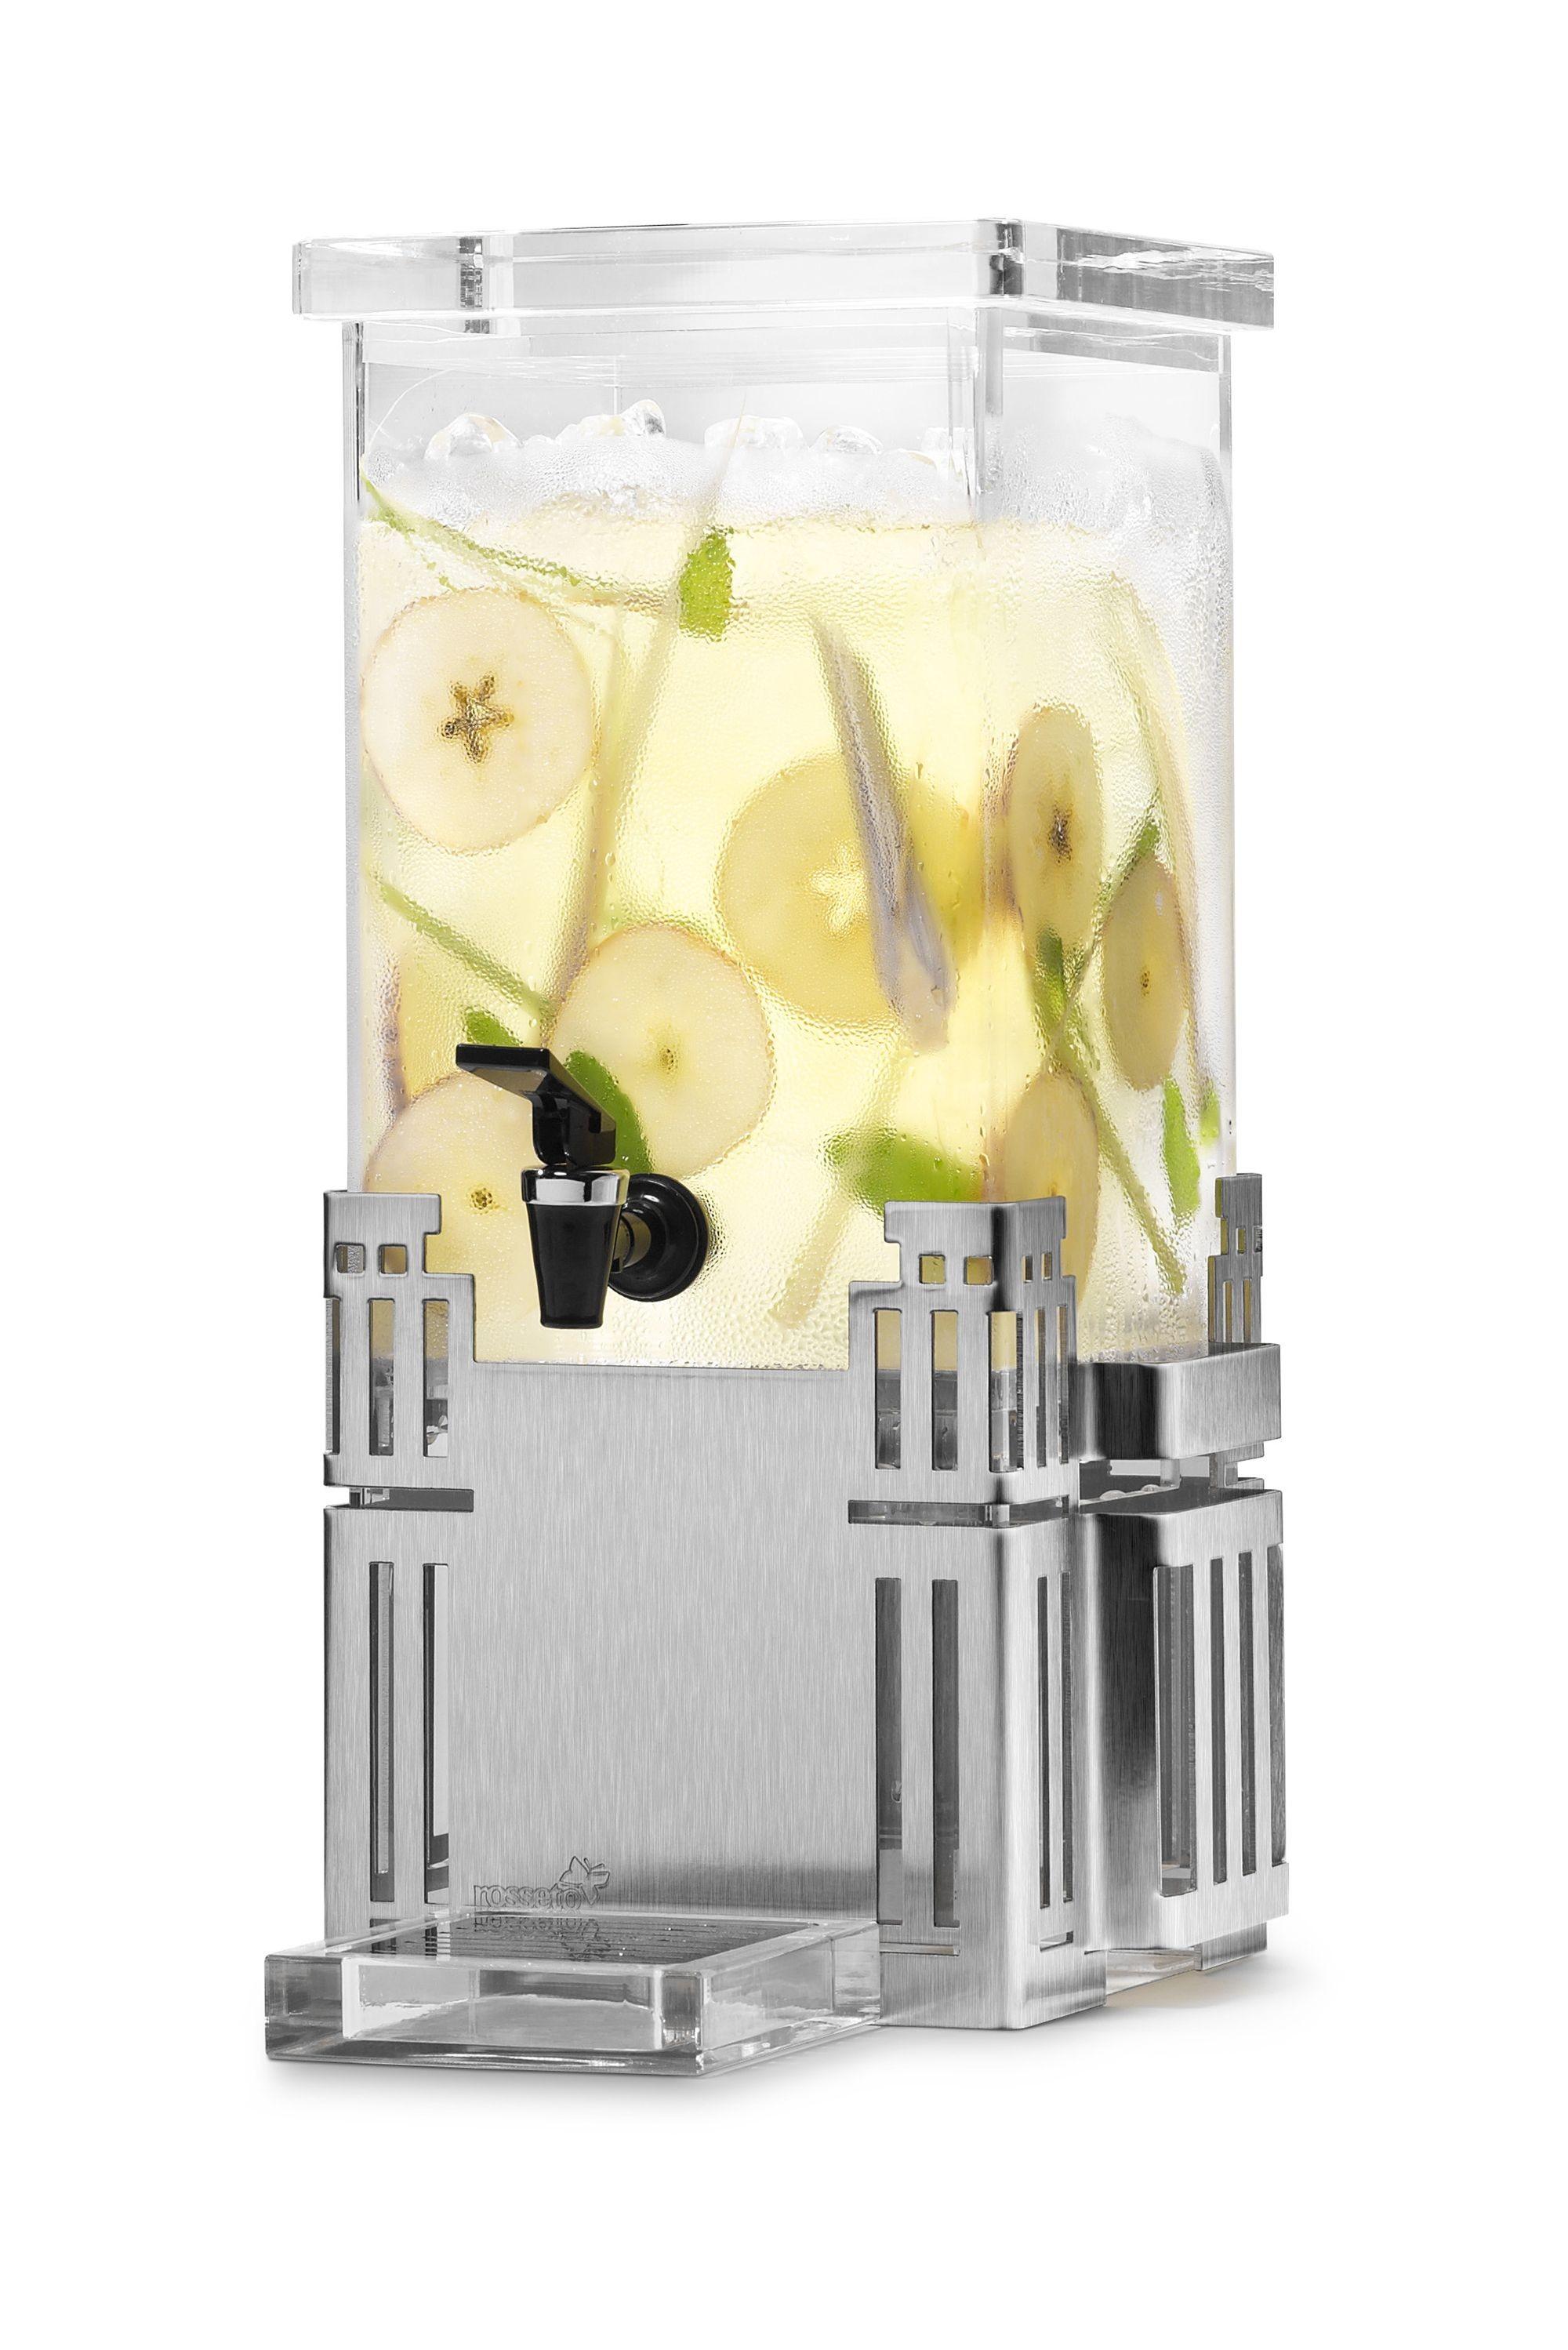 Rosseto LD117 Rectangular Stainless Steel Base Beverage Dispenser 1 Gallon